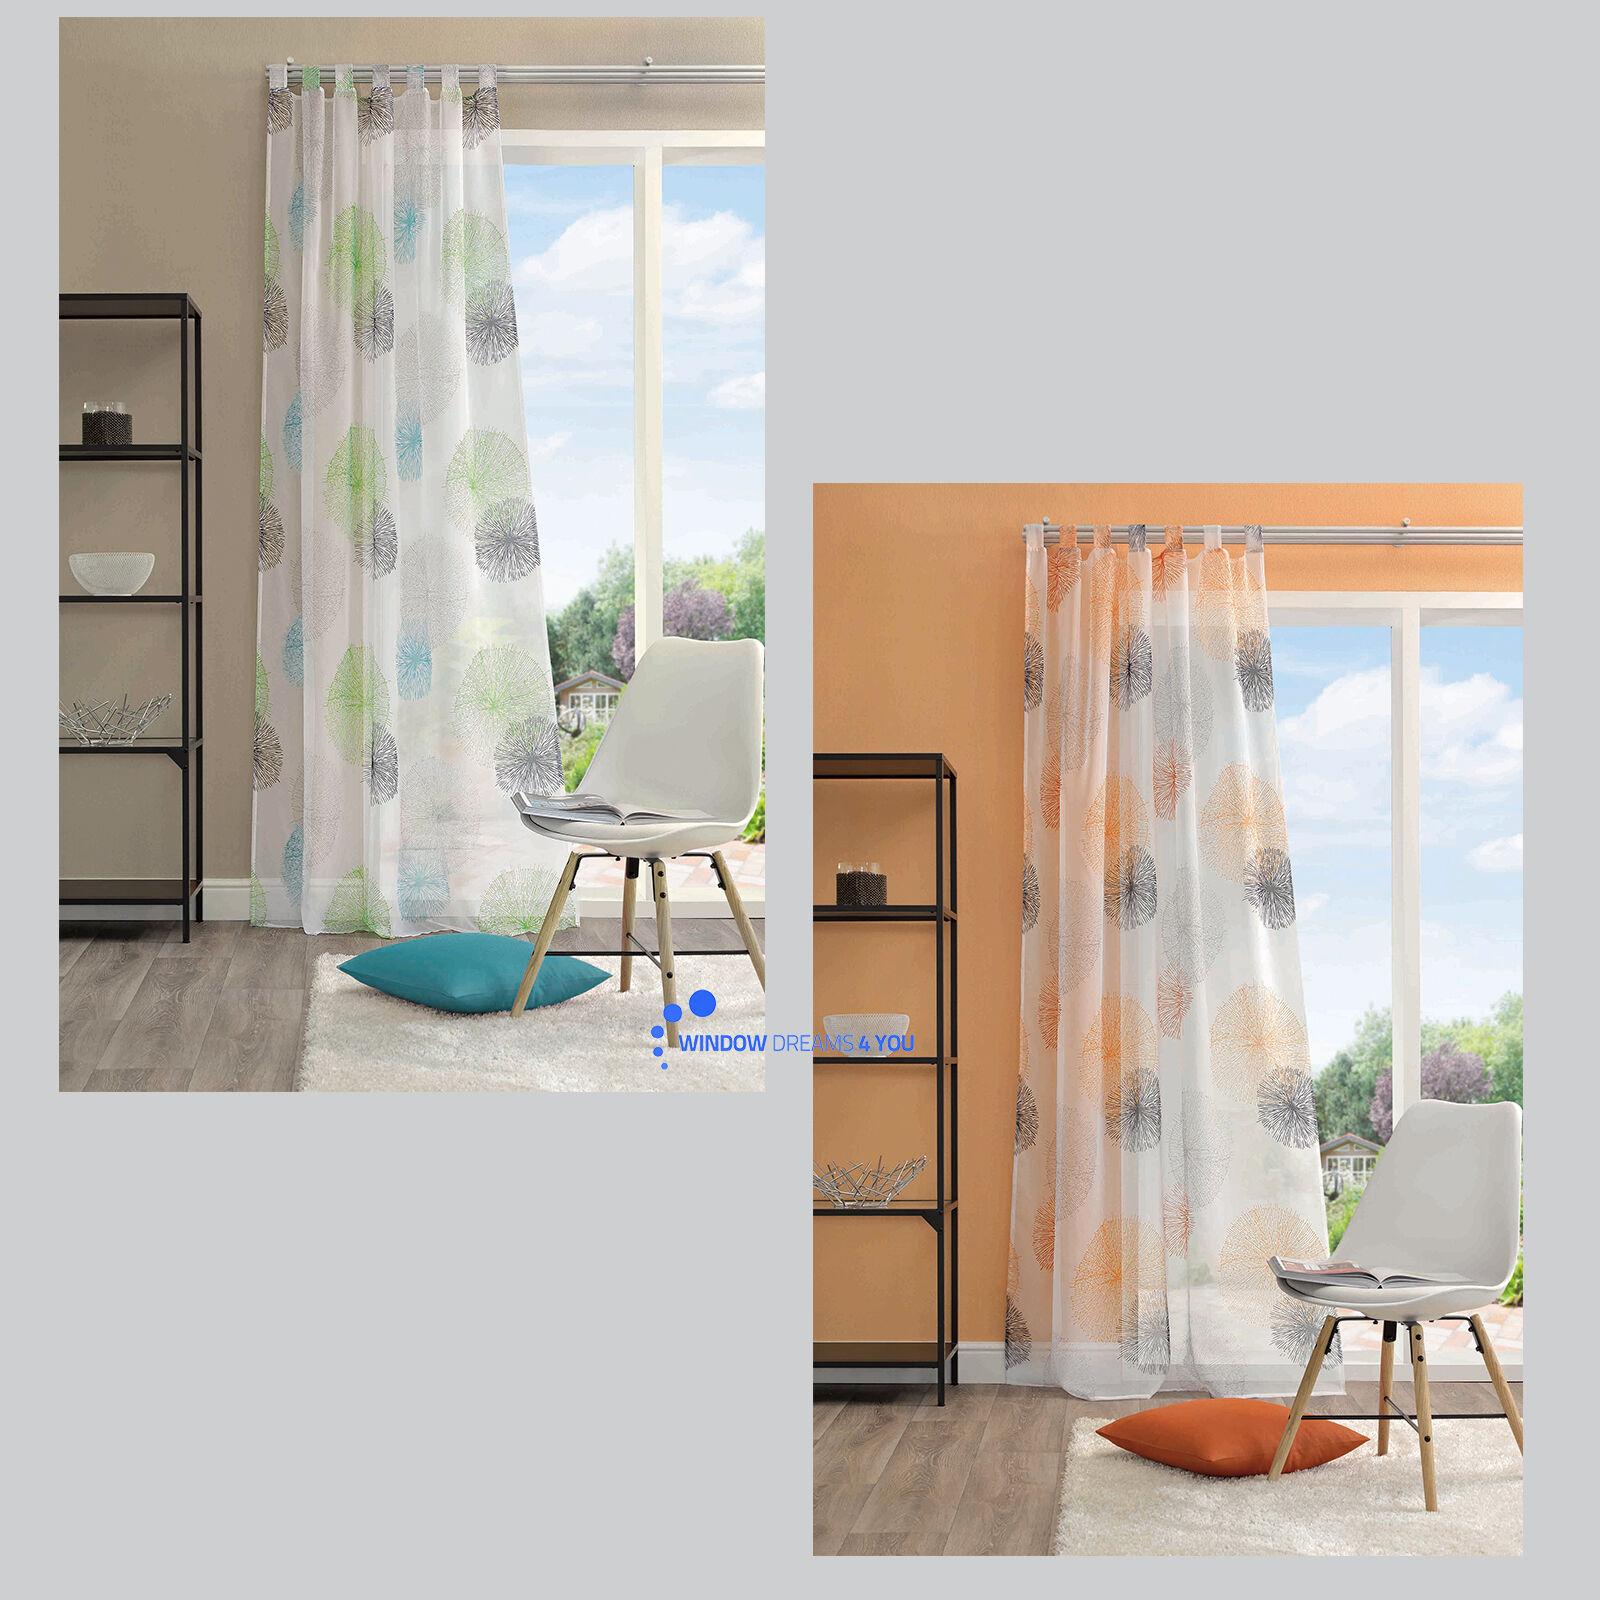 rawlins kreise schlaufenschal gardine vorhang. Black Bedroom Furniture Sets. Home Design Ideas